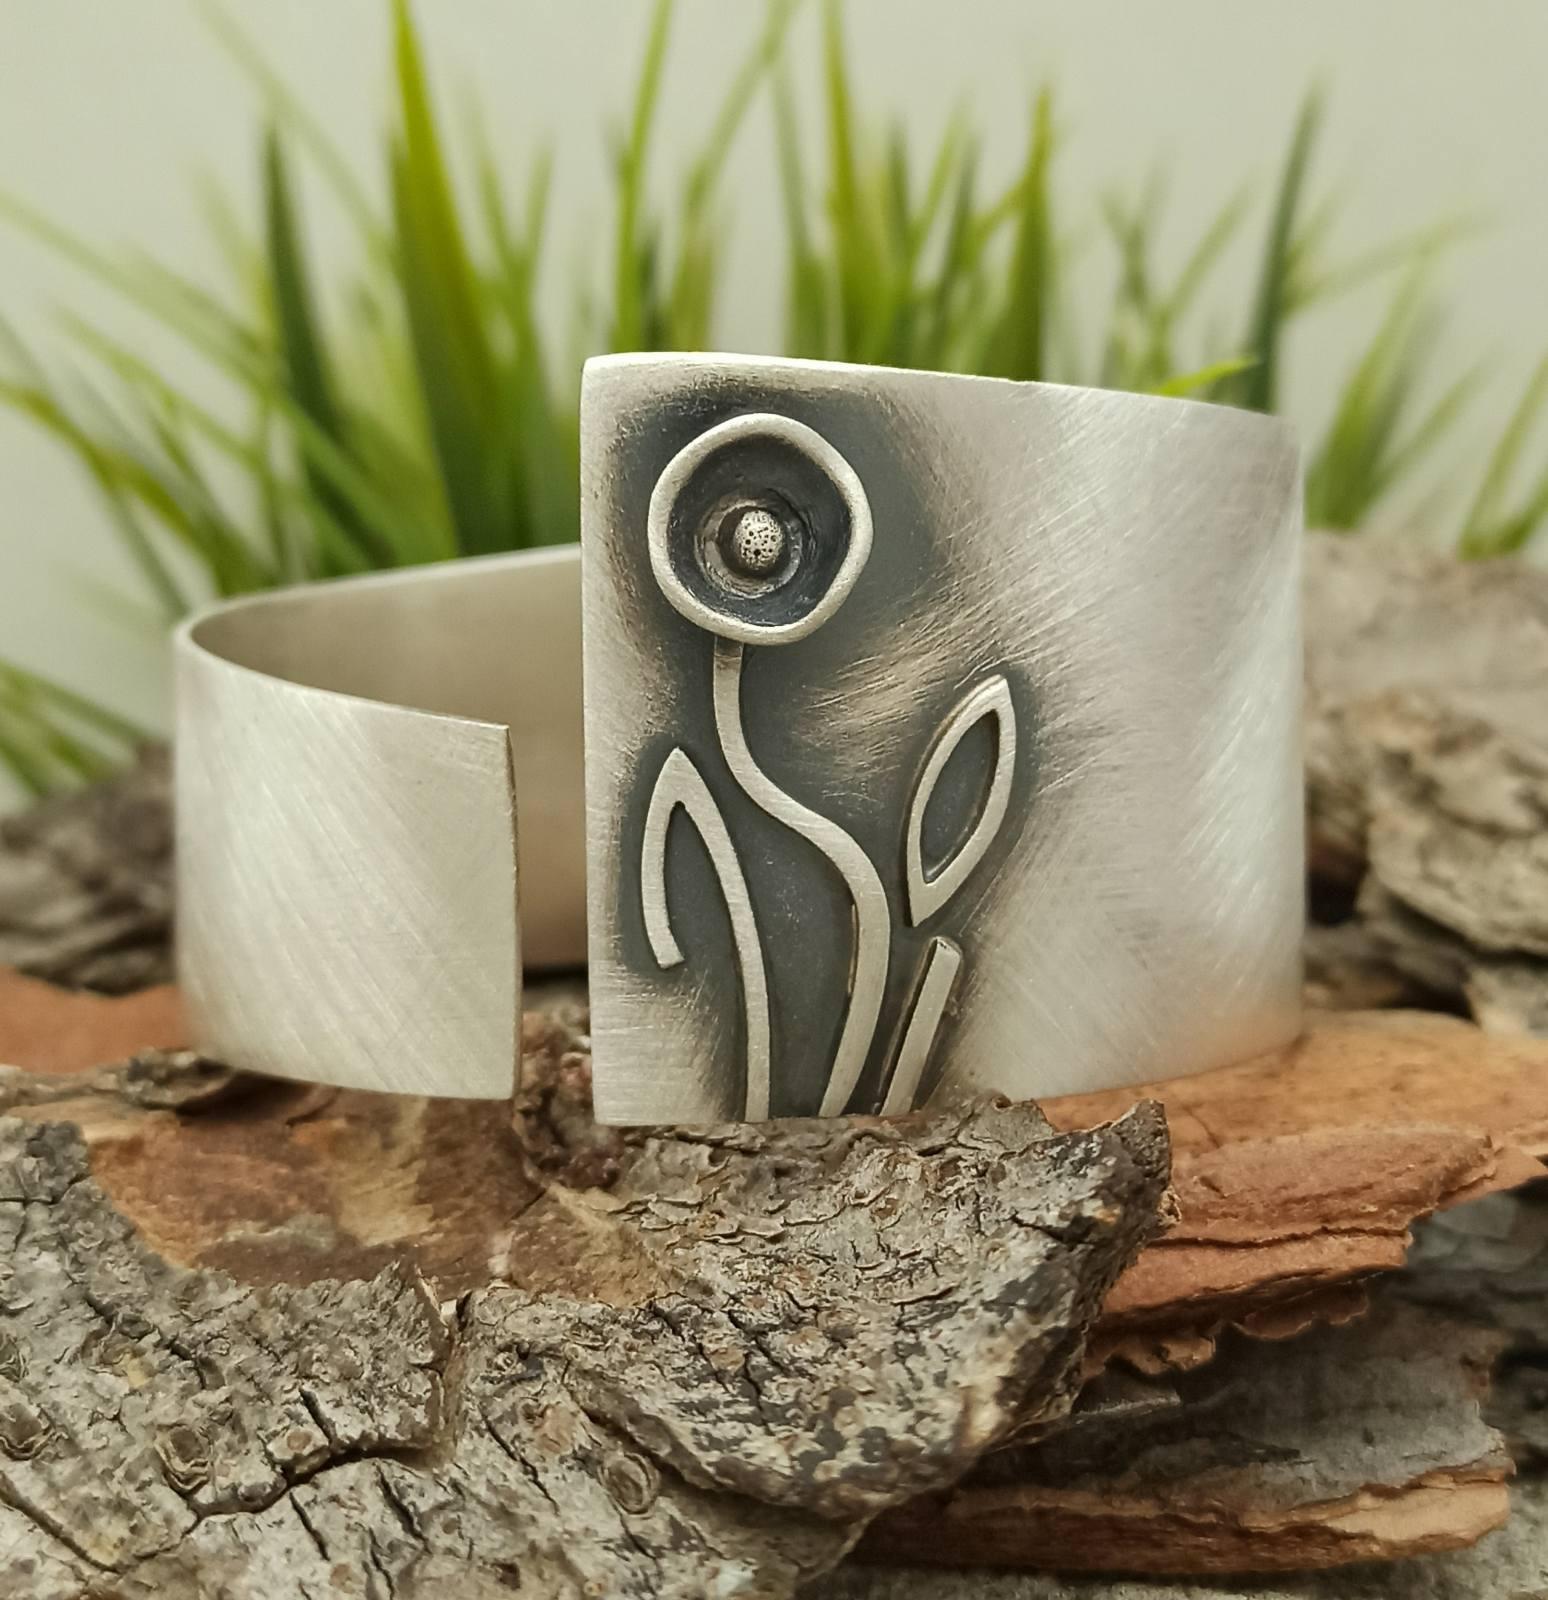 Дамска сребърна гривна1335B отворен модел твърда гривна по ръката от сребро 925 Сребърен комплект от обеци медальон пръстен Студио Николас